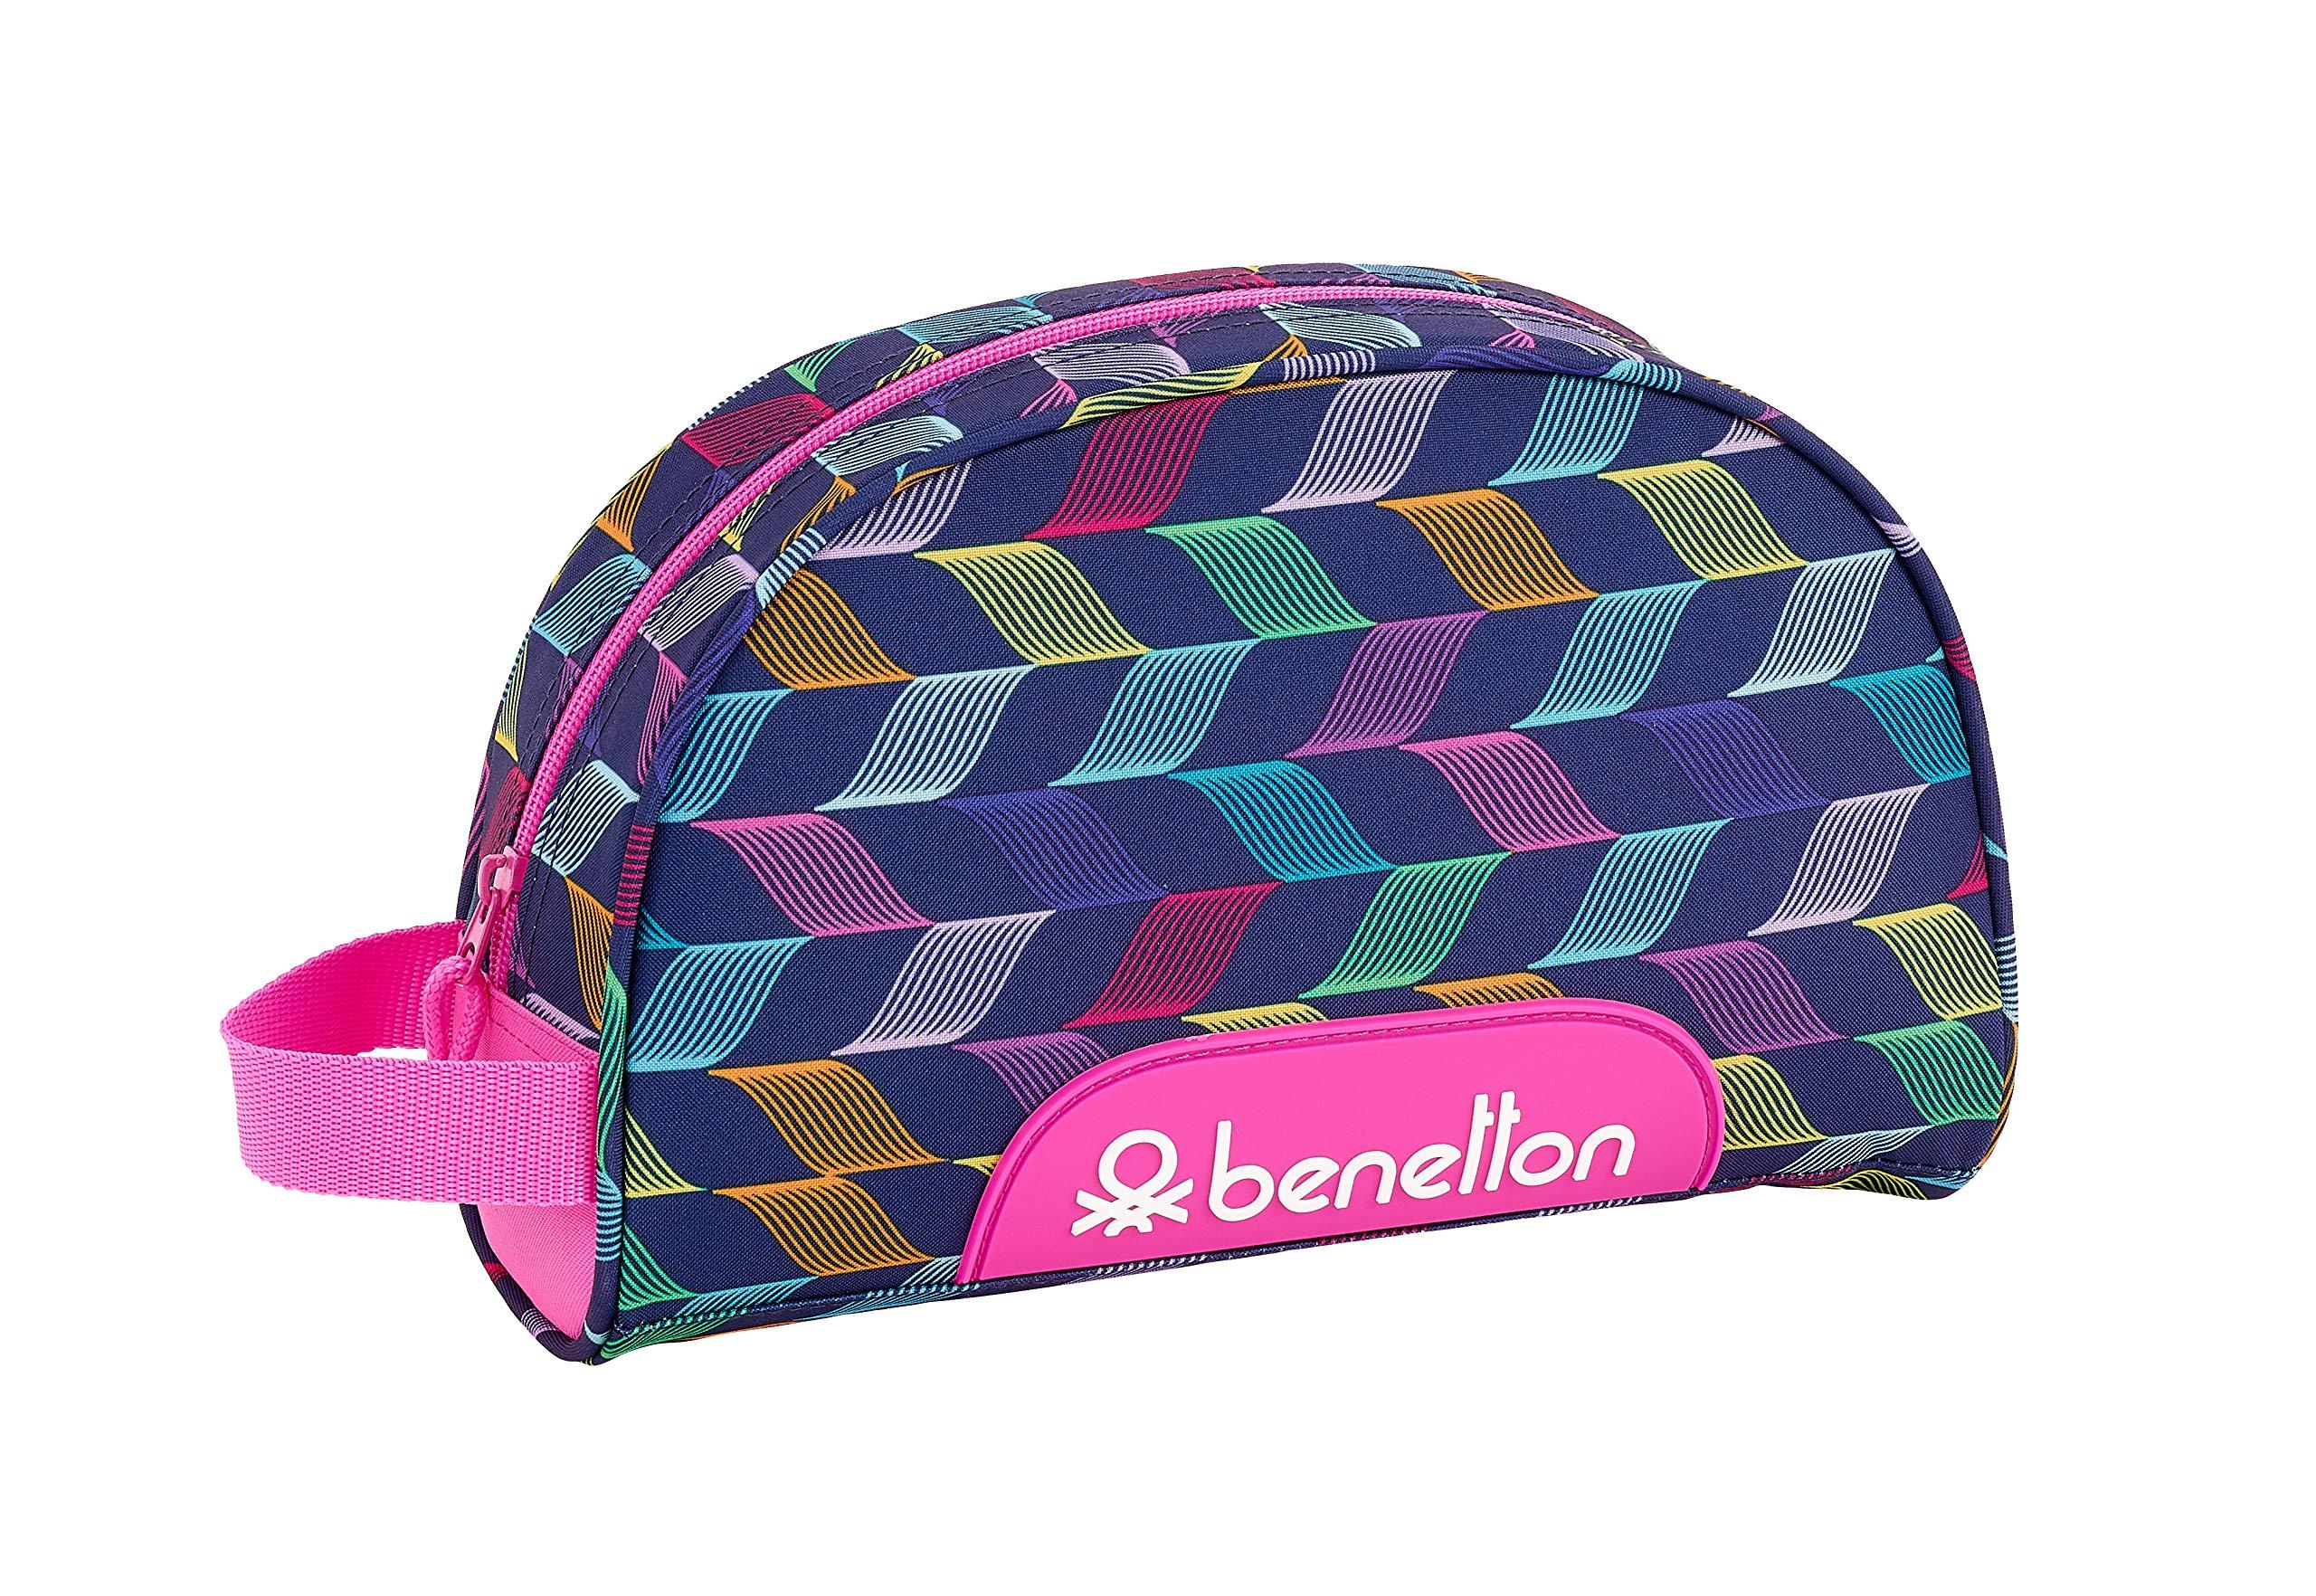 Benetton «Ondas» Oficial Mochila Escolar Infantil Pequeño Con Asa 280x100x180mm